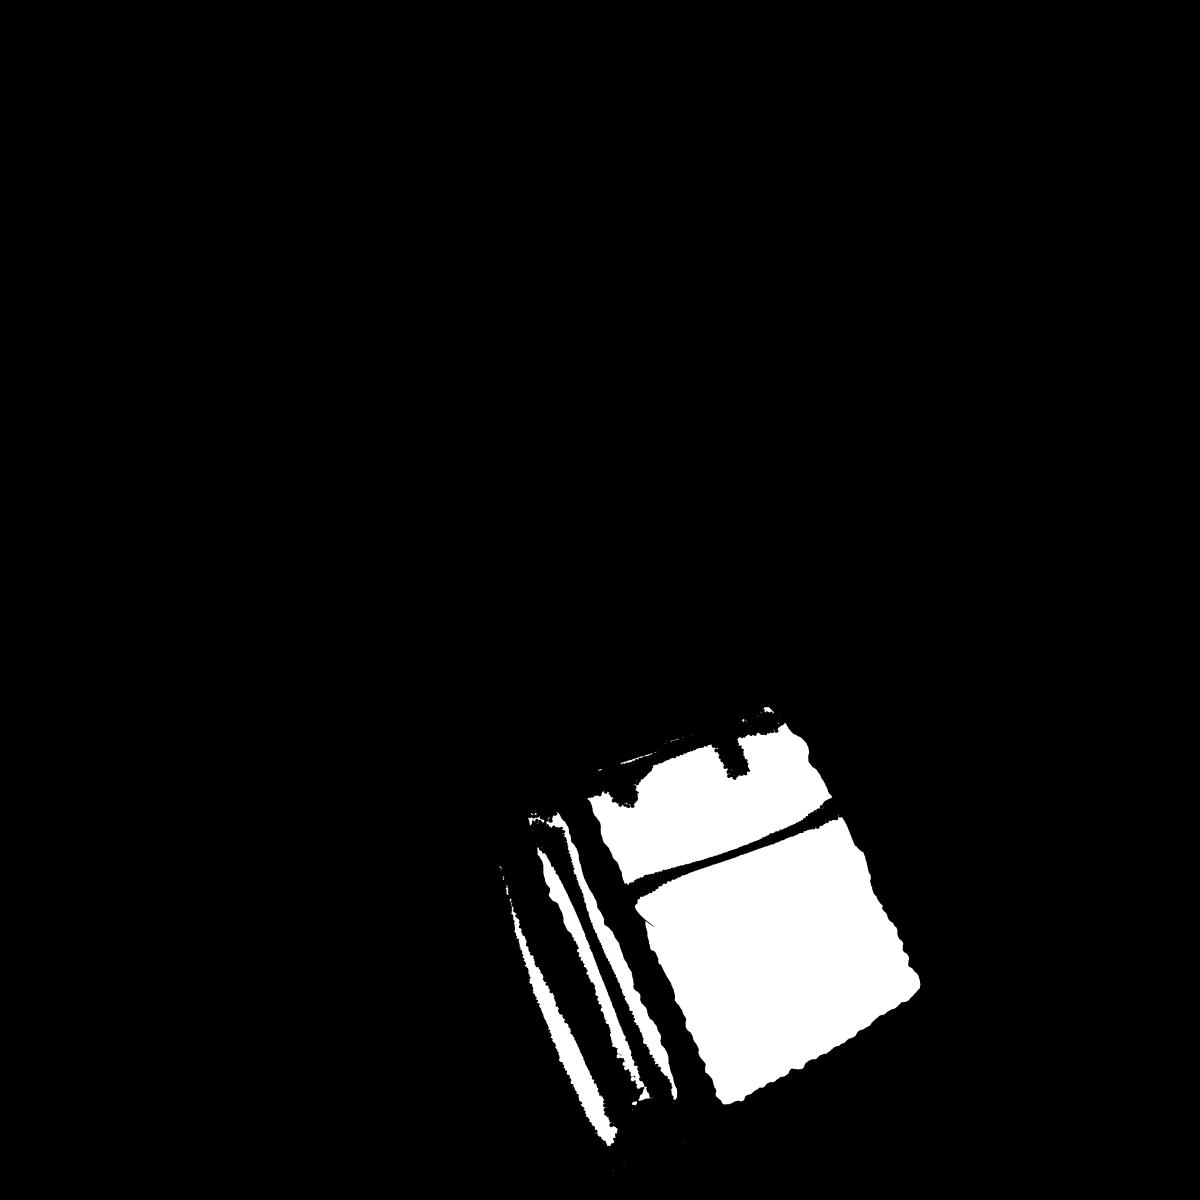 斜めバッグ1のイラスト / Diagonal bag Illustration